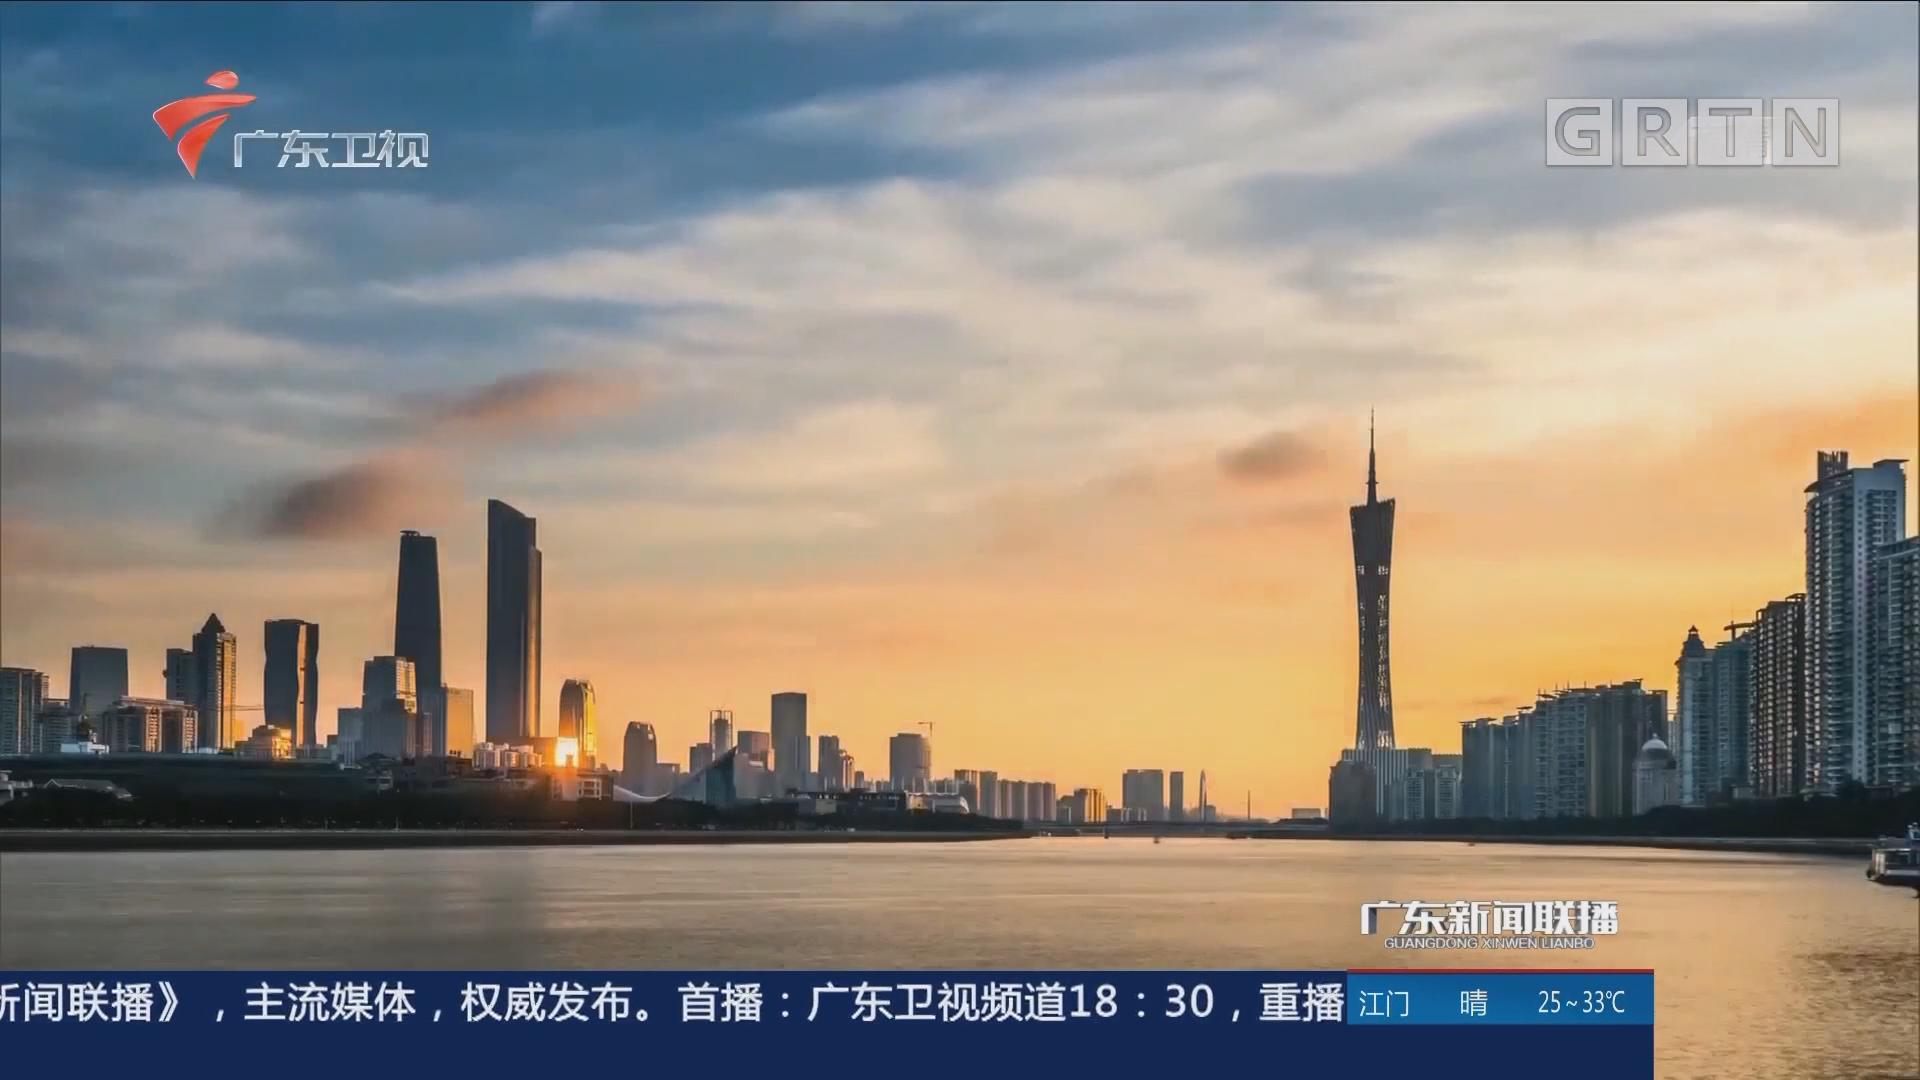 广州:深化建设干净整洁平安有序城市环境